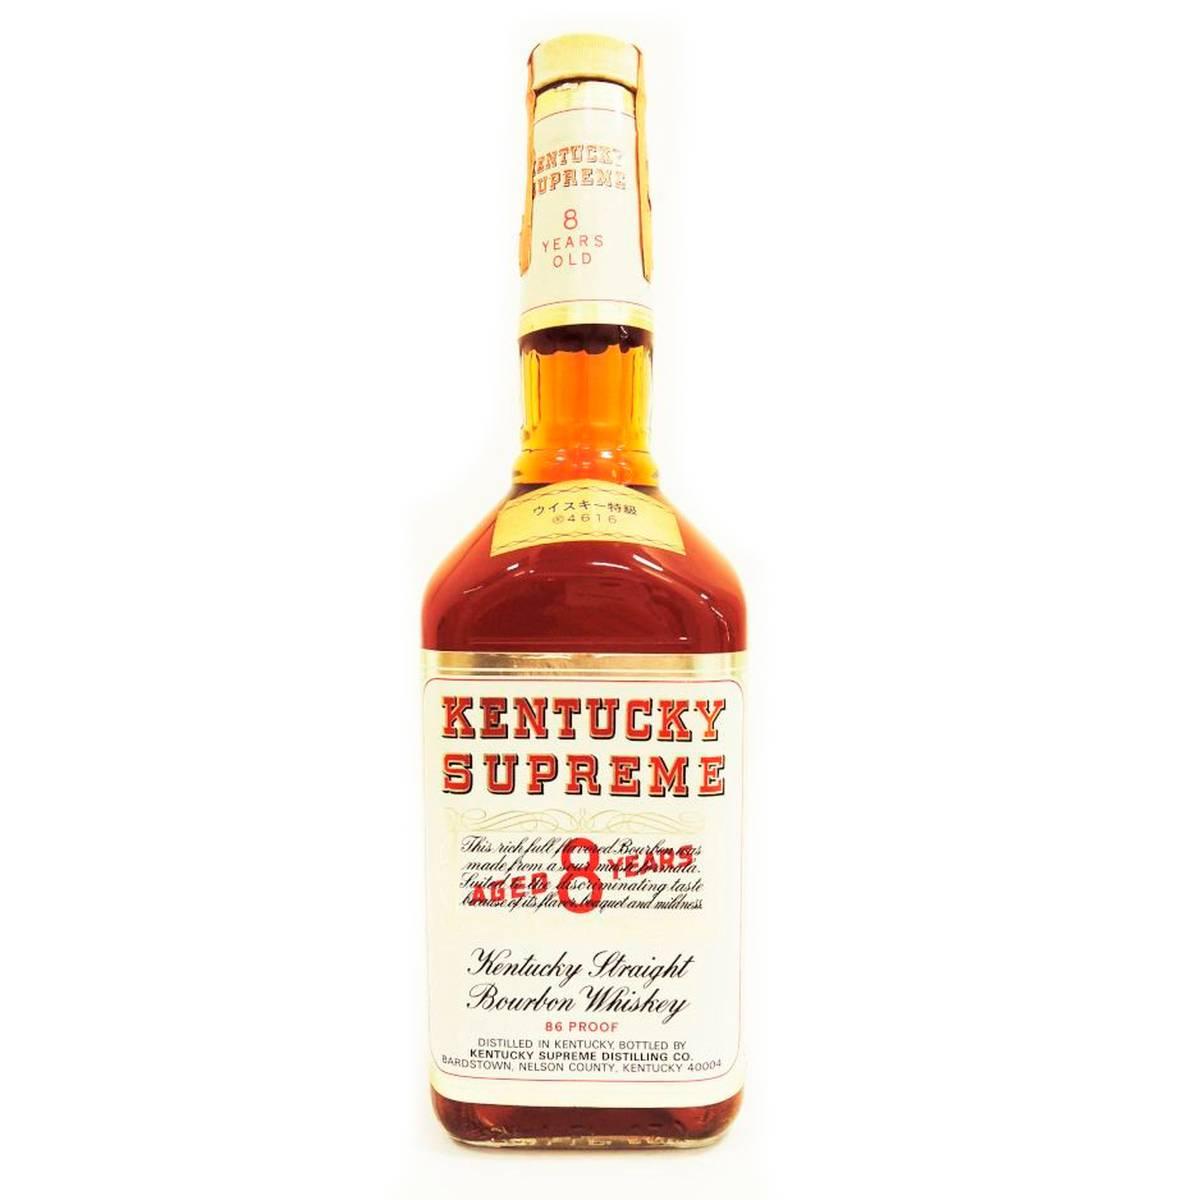 【中古】 KENTUCKY SUPREME ケンタッキー シュープリーム 8年 バーボンウイスキー 特級 オールドボトル ヴィンテージ デラックス シュプリーム 750ml 43度 古酒 Ks 未開栓